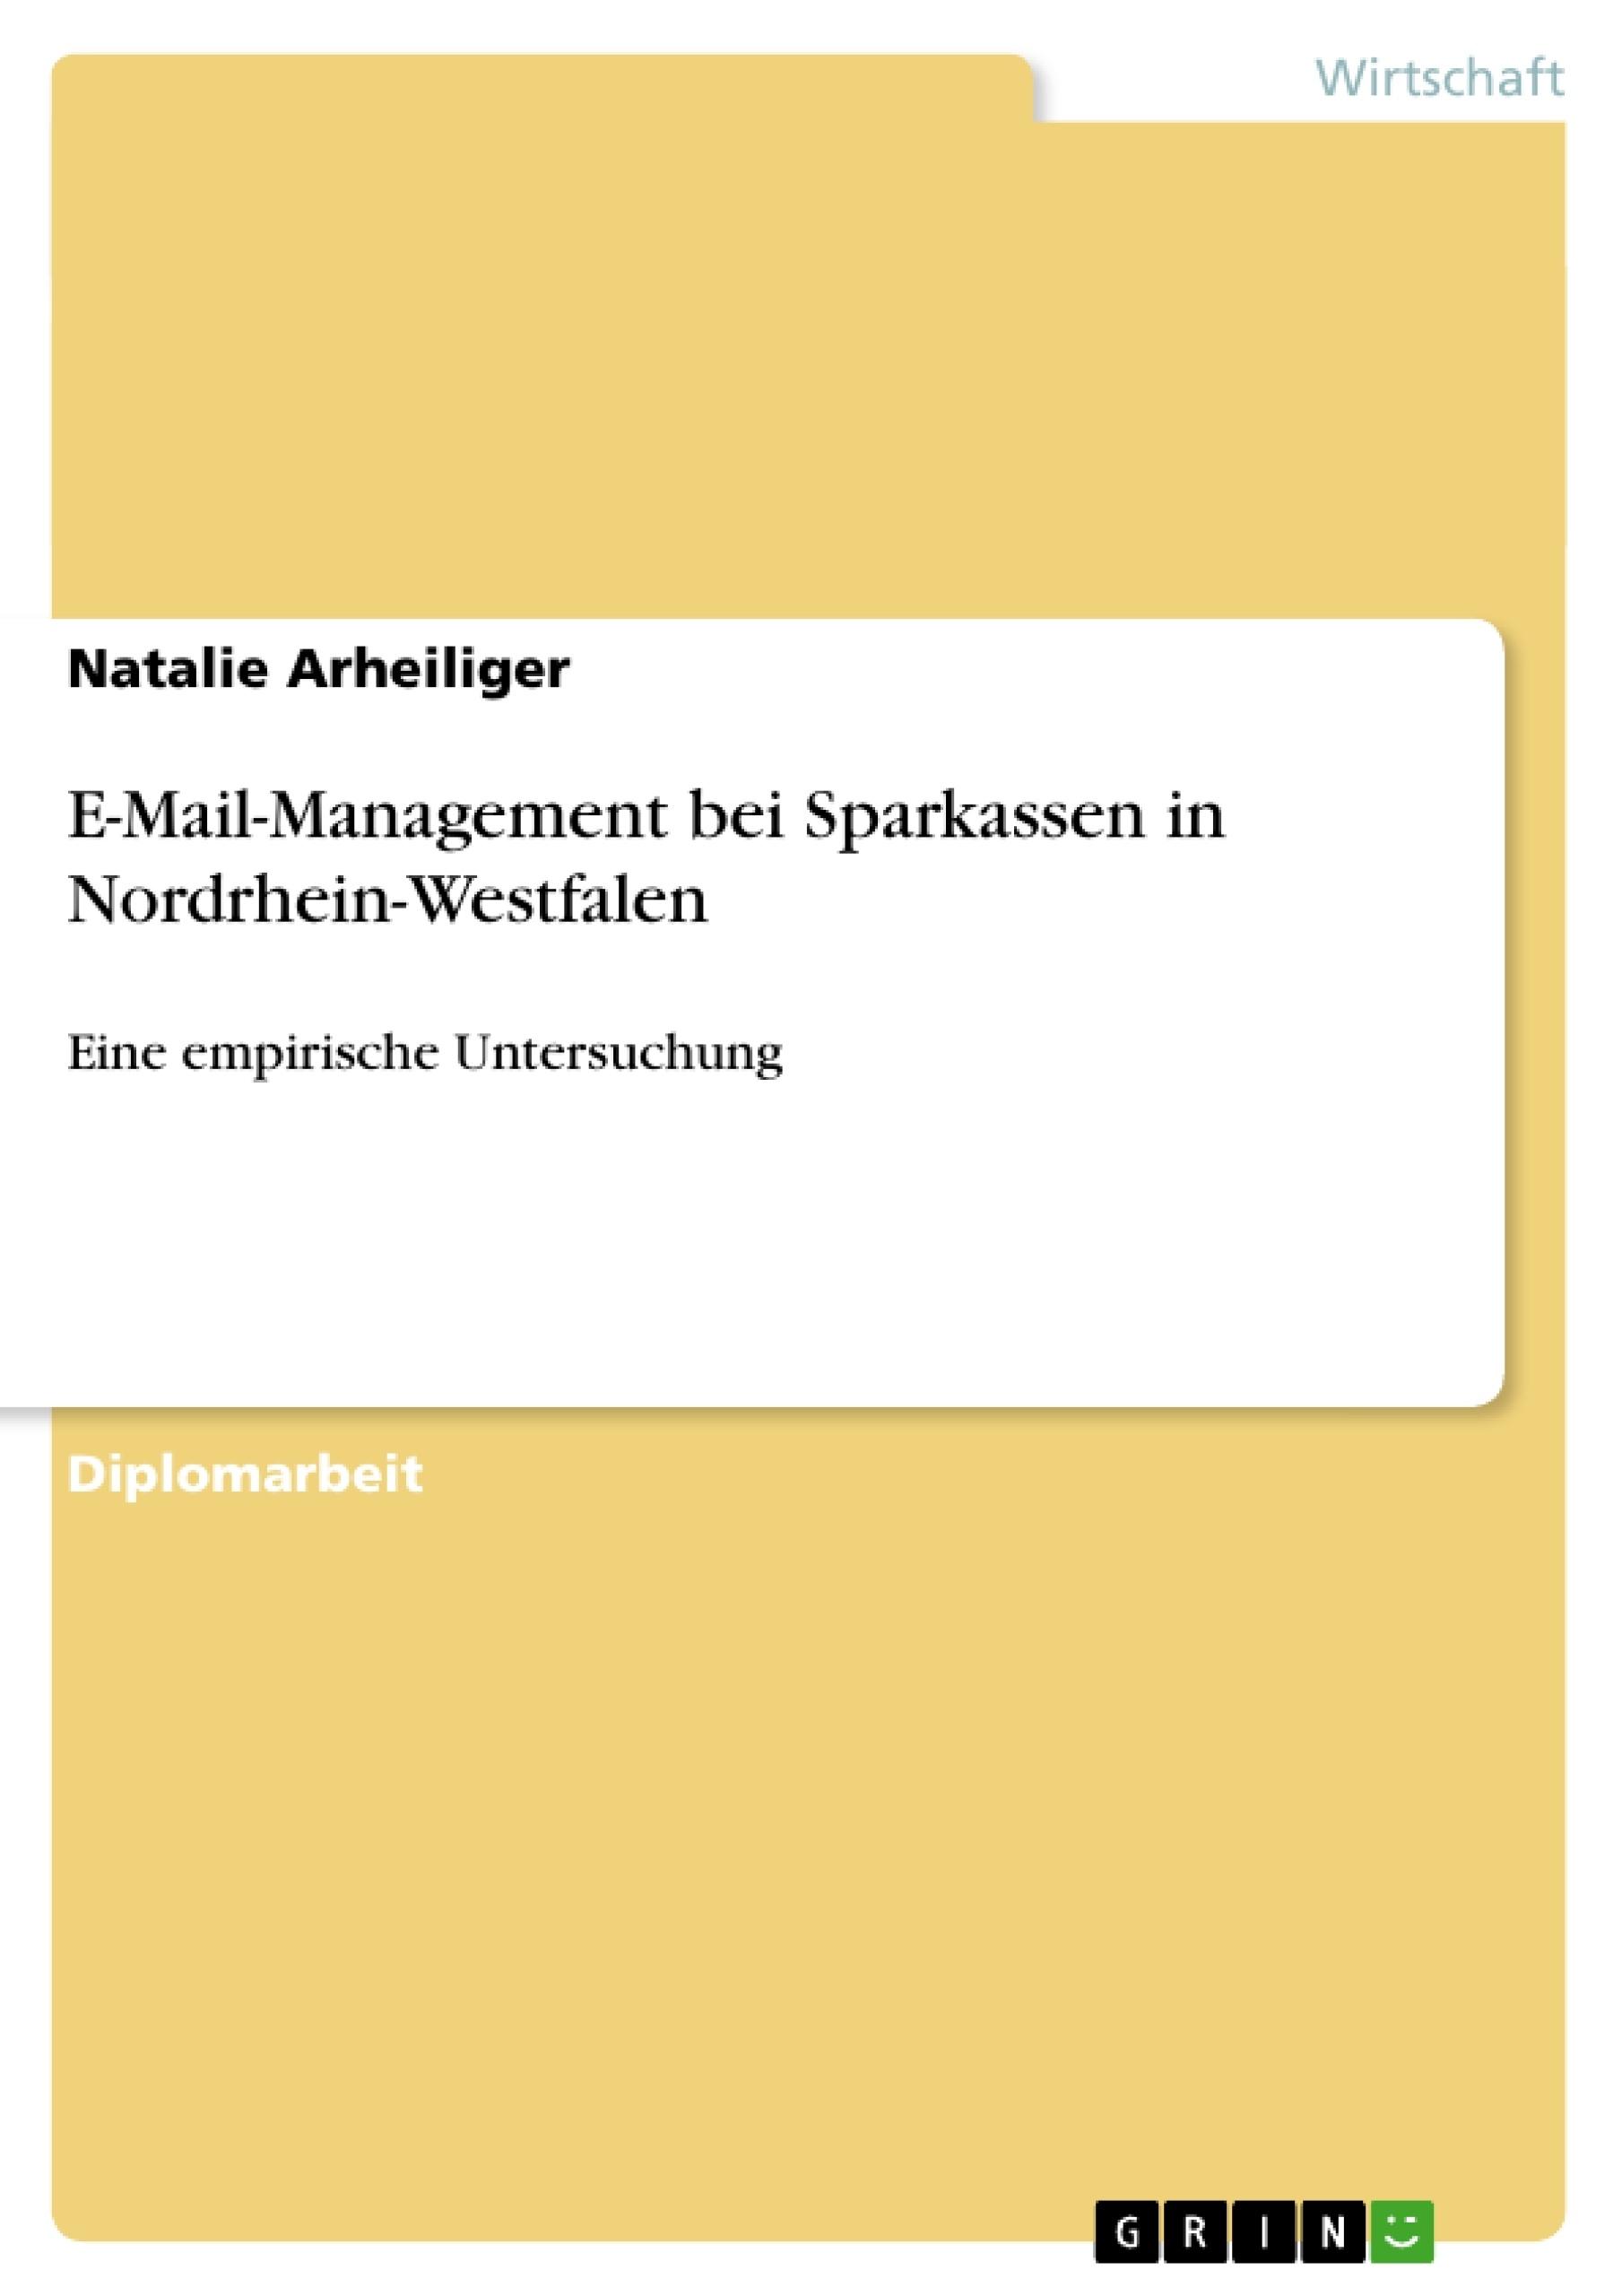 Titel: E-Mail-Management bei Sparkassen in Nordrhein-Westfalen